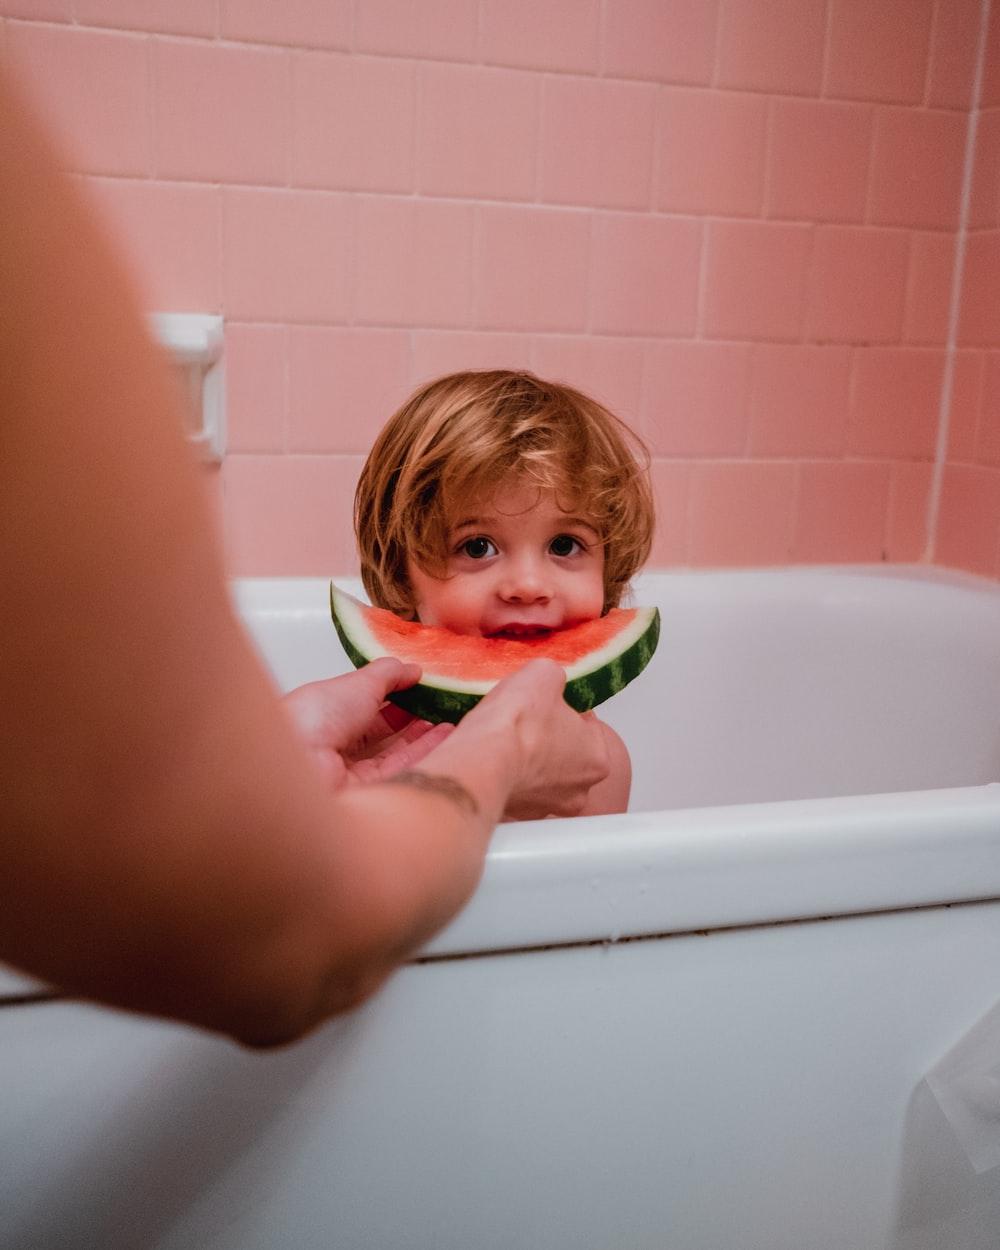 photo of boy in bathtub eating watermelon